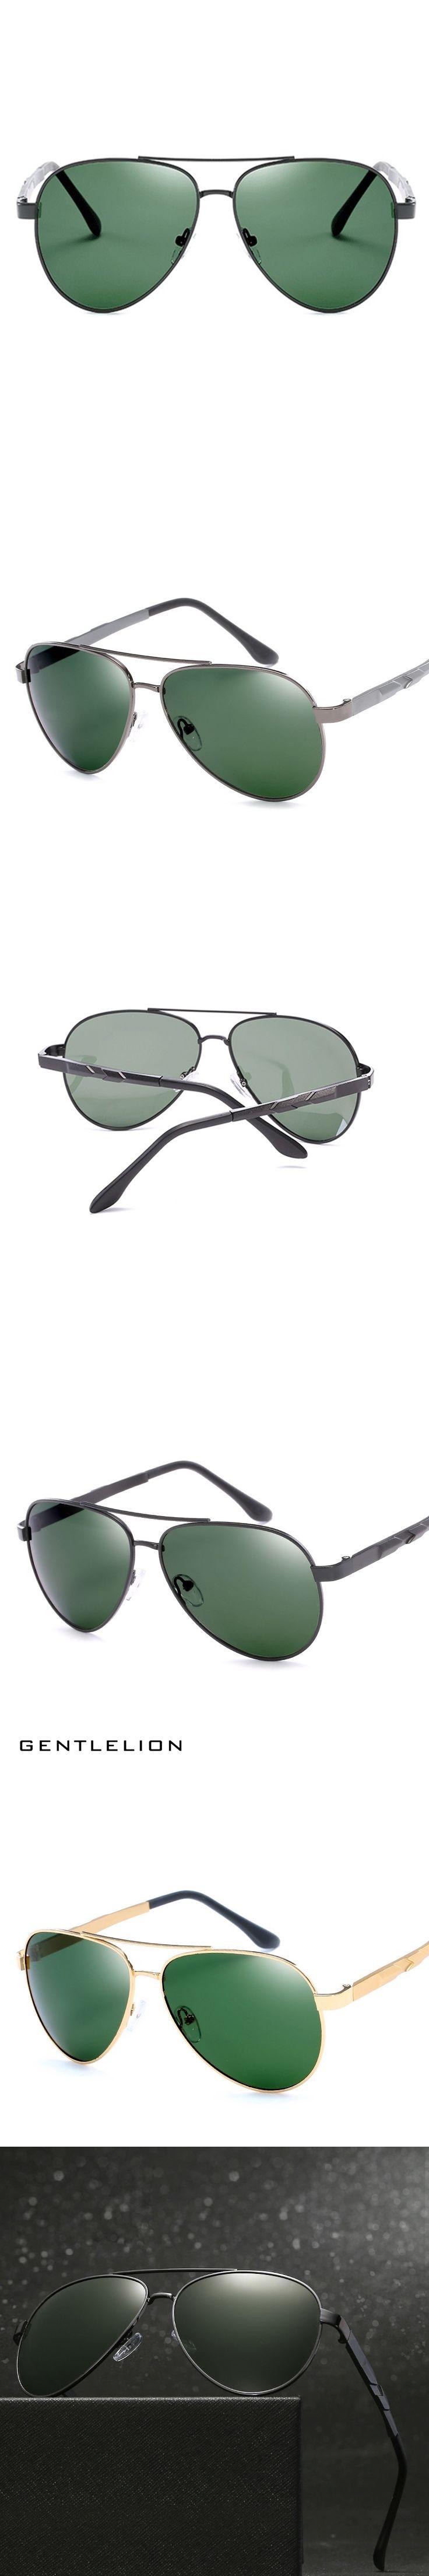 Men Brand Sunglasses Polarized Glasses Men Brand Polarized Sunglasses High quality Sun Glasses 11076